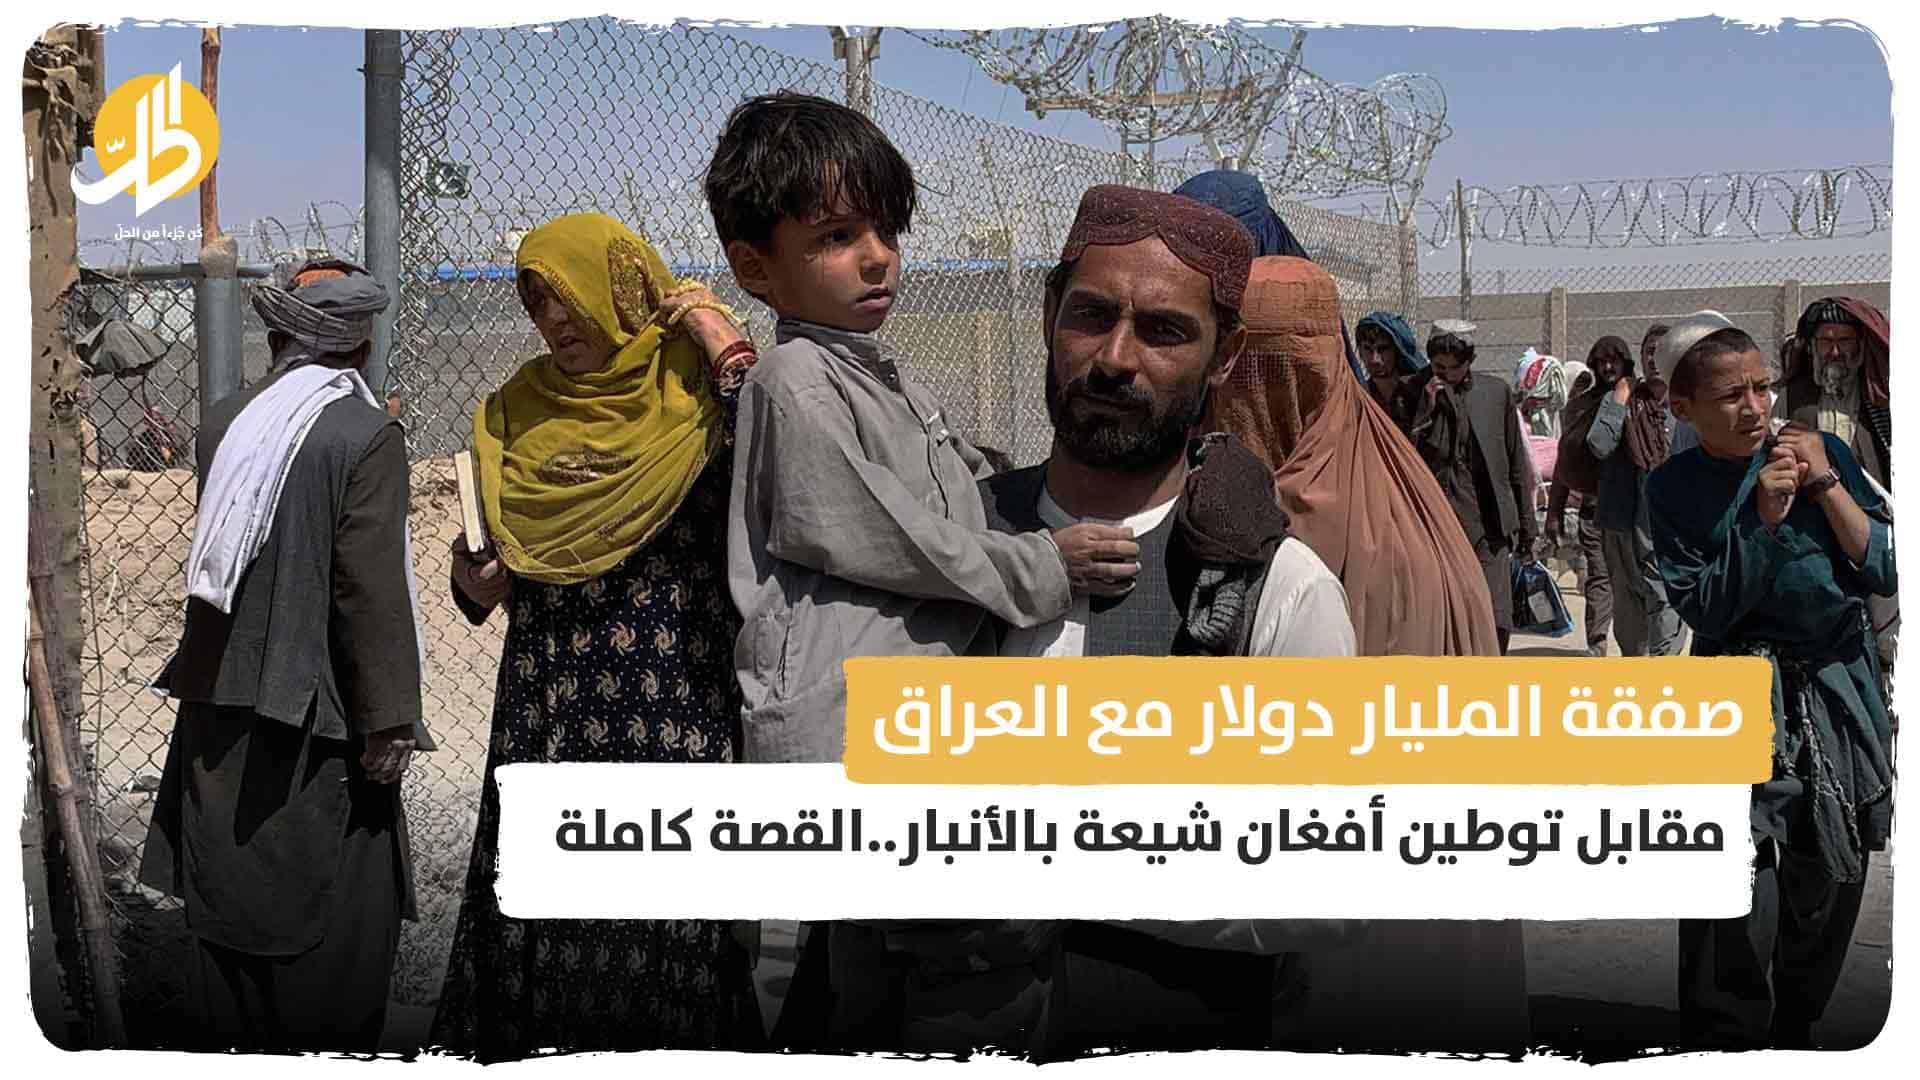 بغداد وصفقة المليار دولار مقابل توطين أفغان شيعة بالأنبار.. القصة الكاملة